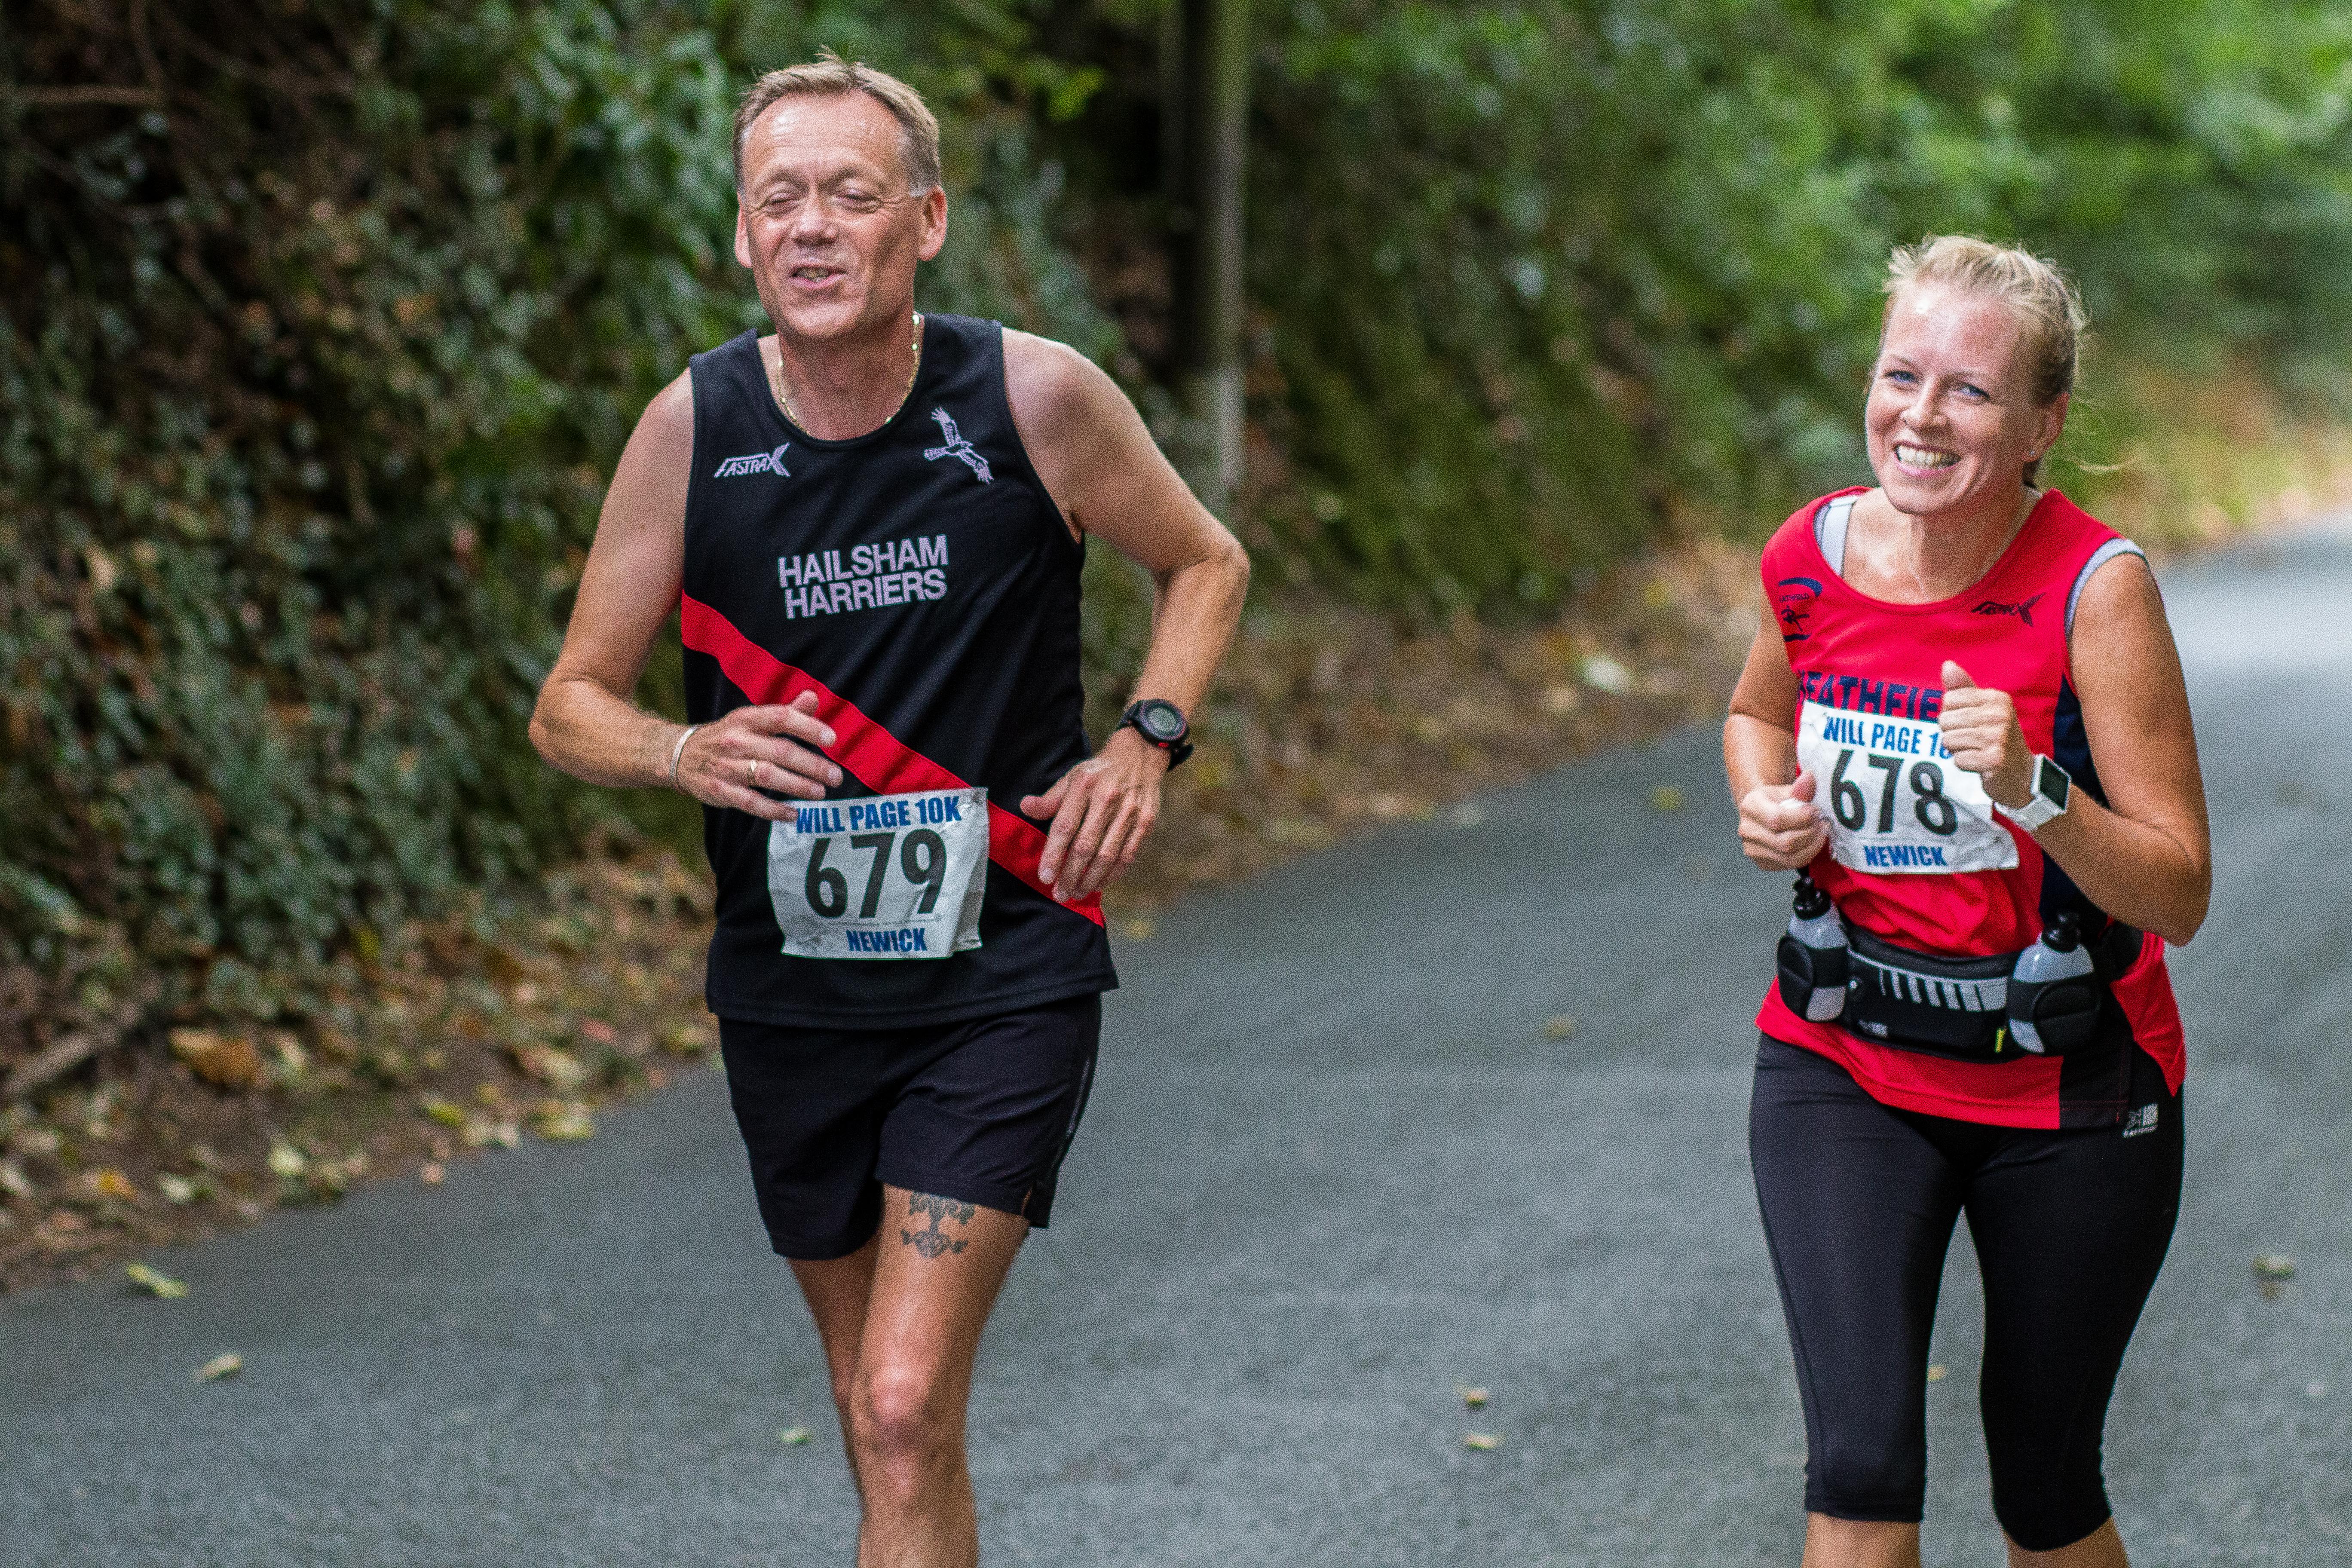 Runner - 679